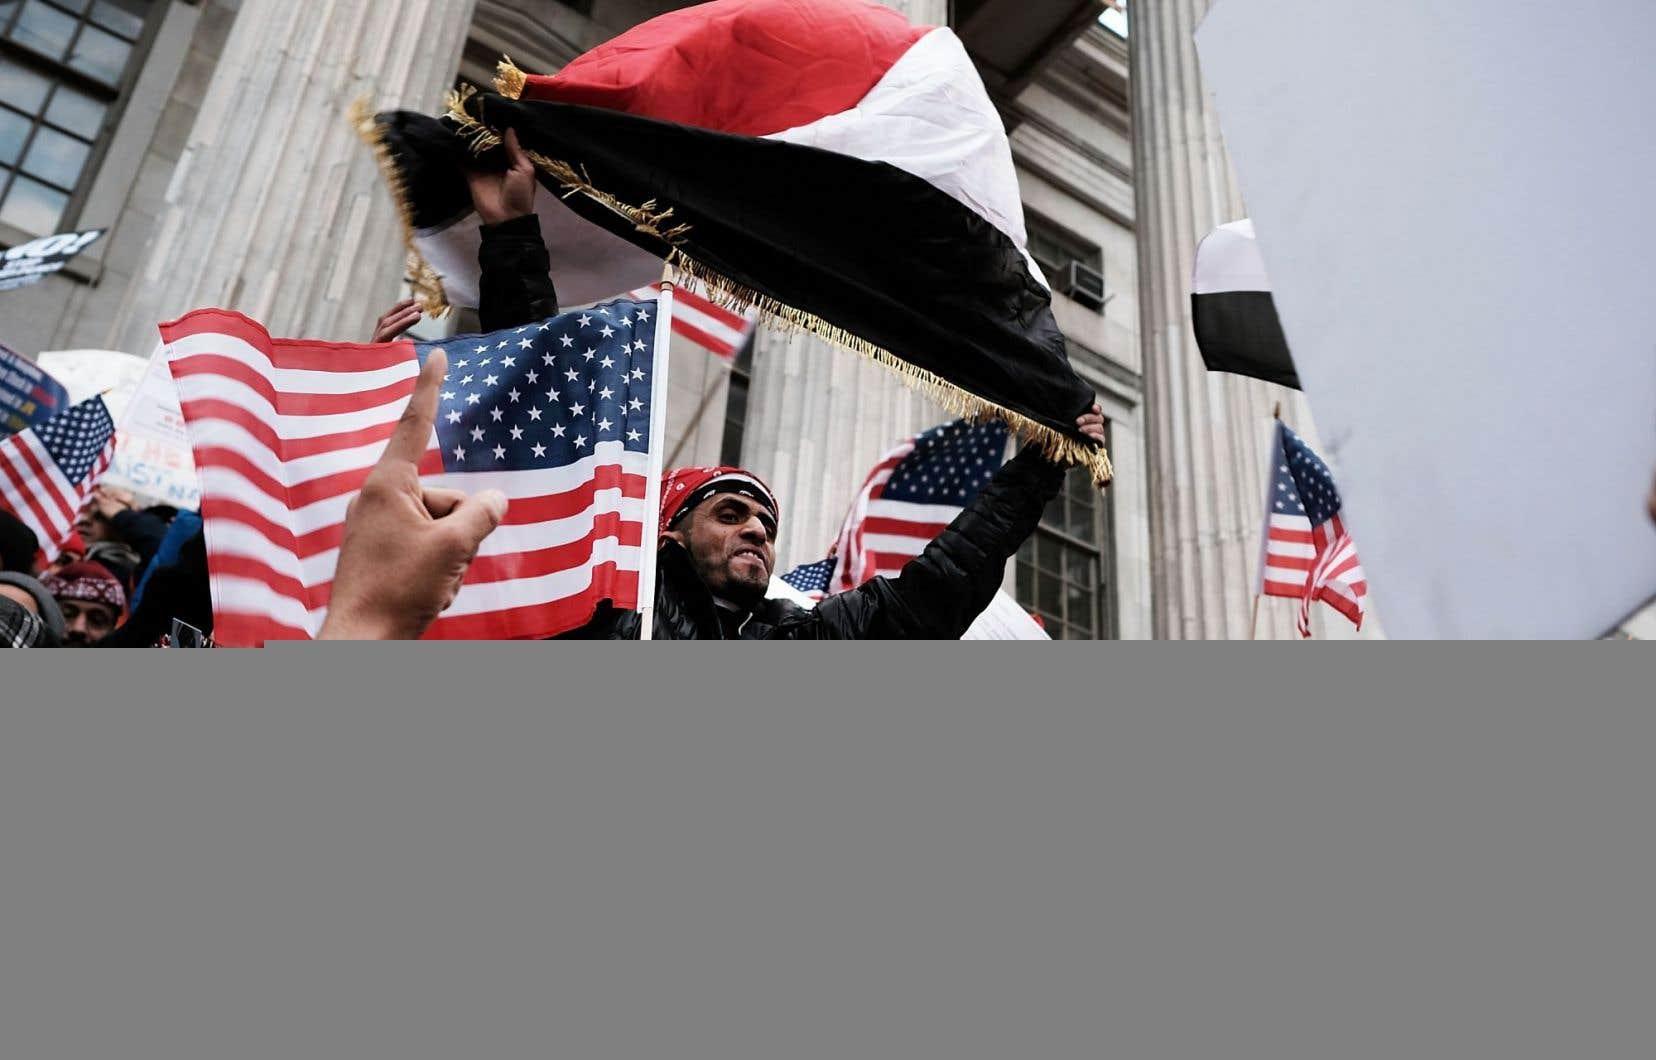 La mise en place du décret migratoire a déclenché des manifestations partout au pays, notamment à Brooklyn, jeudi.